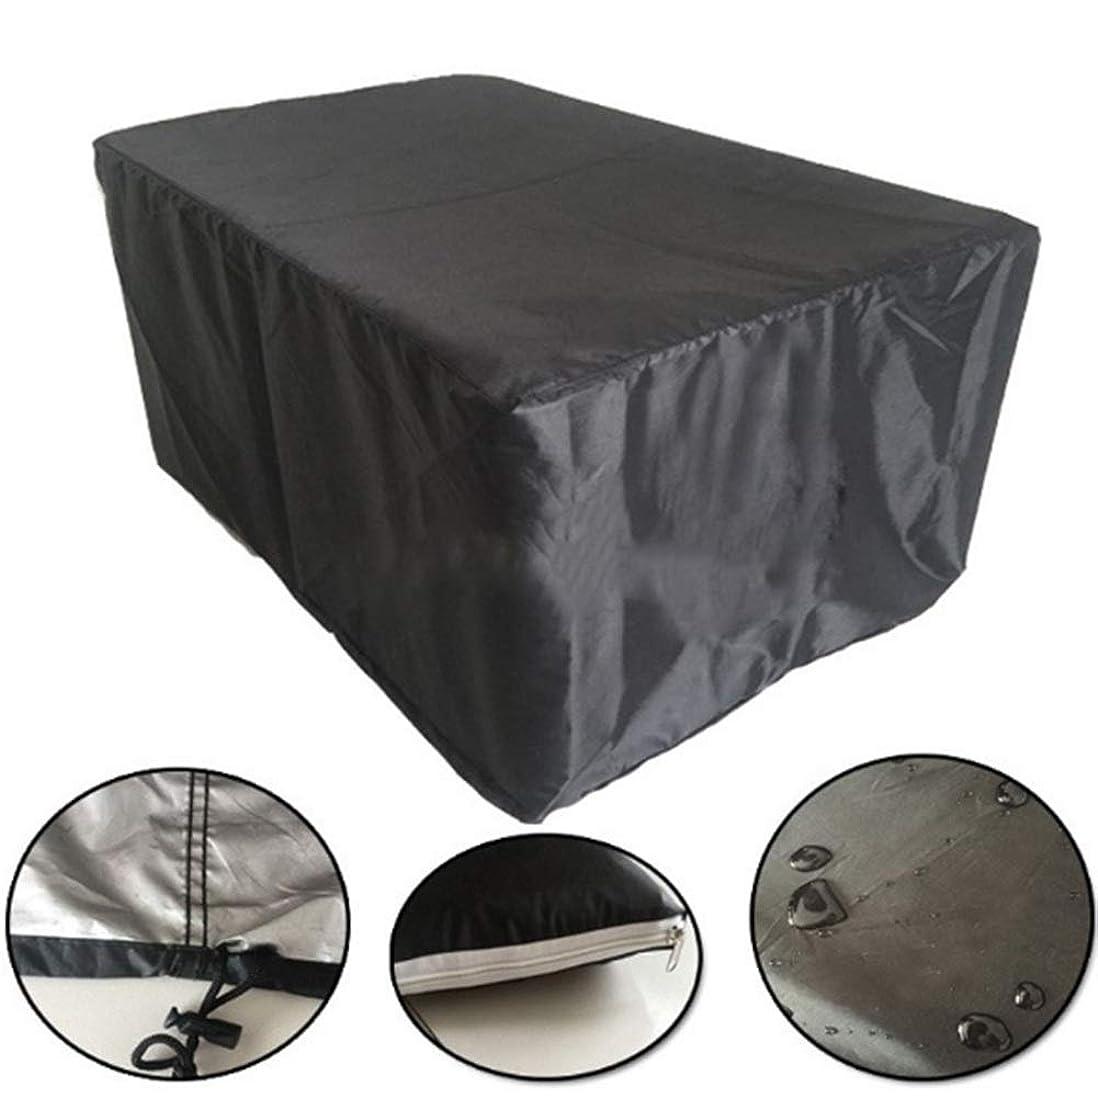 途方もないプロットバックグラウンドJIANFEI ガーデンファニチャーカバー屋外の家 頑丈な防水 矩形 テーブルと椅子 黒 、31サイズ カスタマイズをサポート (Color : Black, Size : 270x180x89cm)